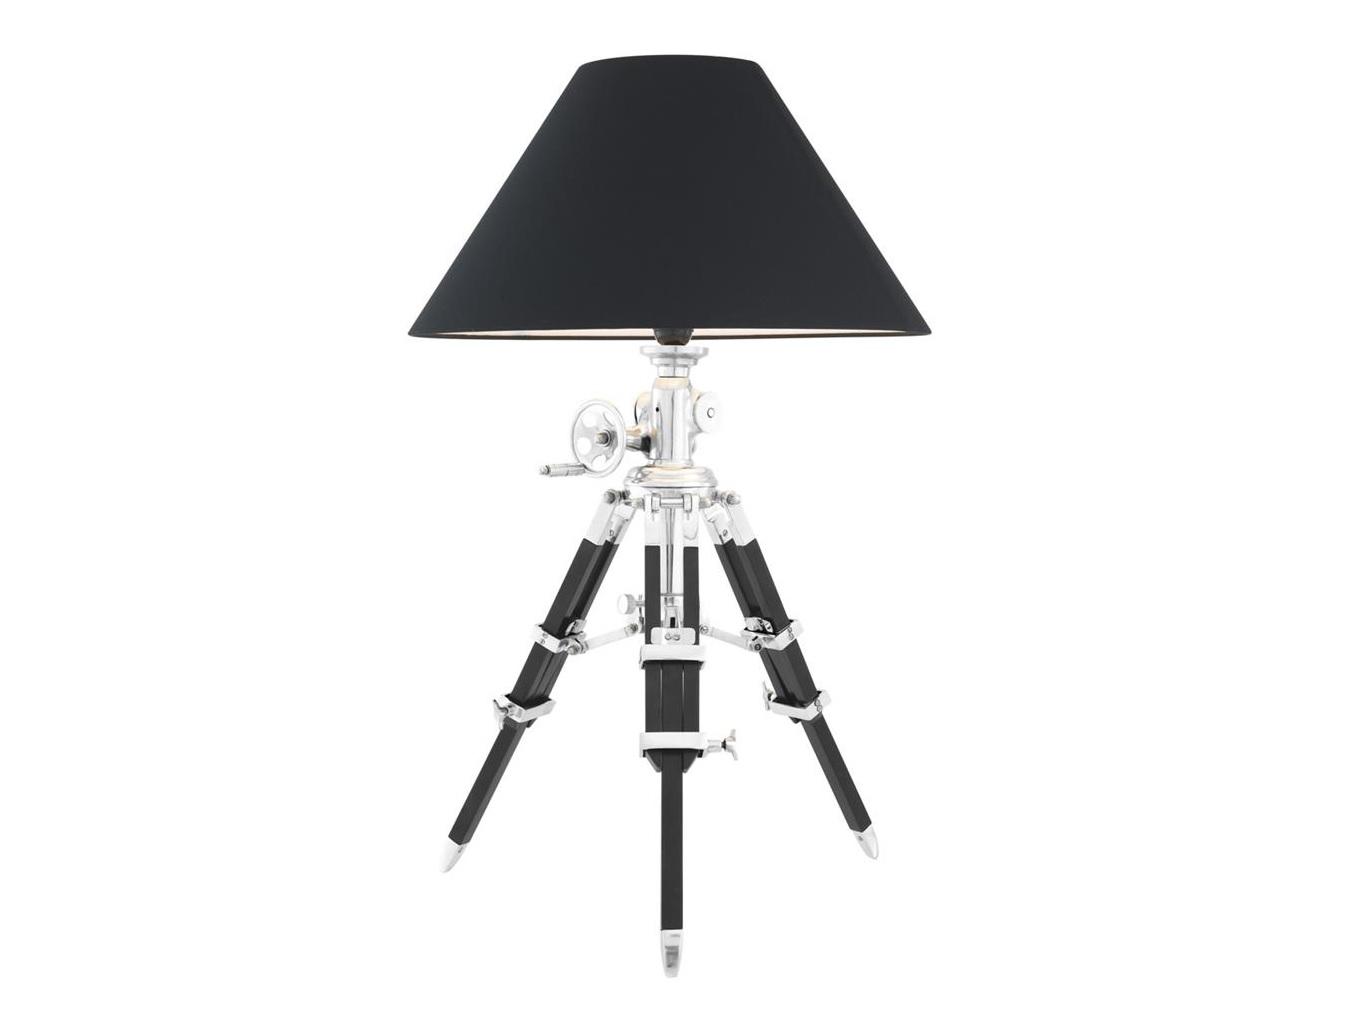 Настольная лампа Royal MarineДекоративные лампы<br>Вид цоколя: E27Мощность: 40WКоличество ламп: 1 (нет в комплекте)Высота лампы регулируется в пределах 77-102 см.<br><br>kit: None<br>gender: None